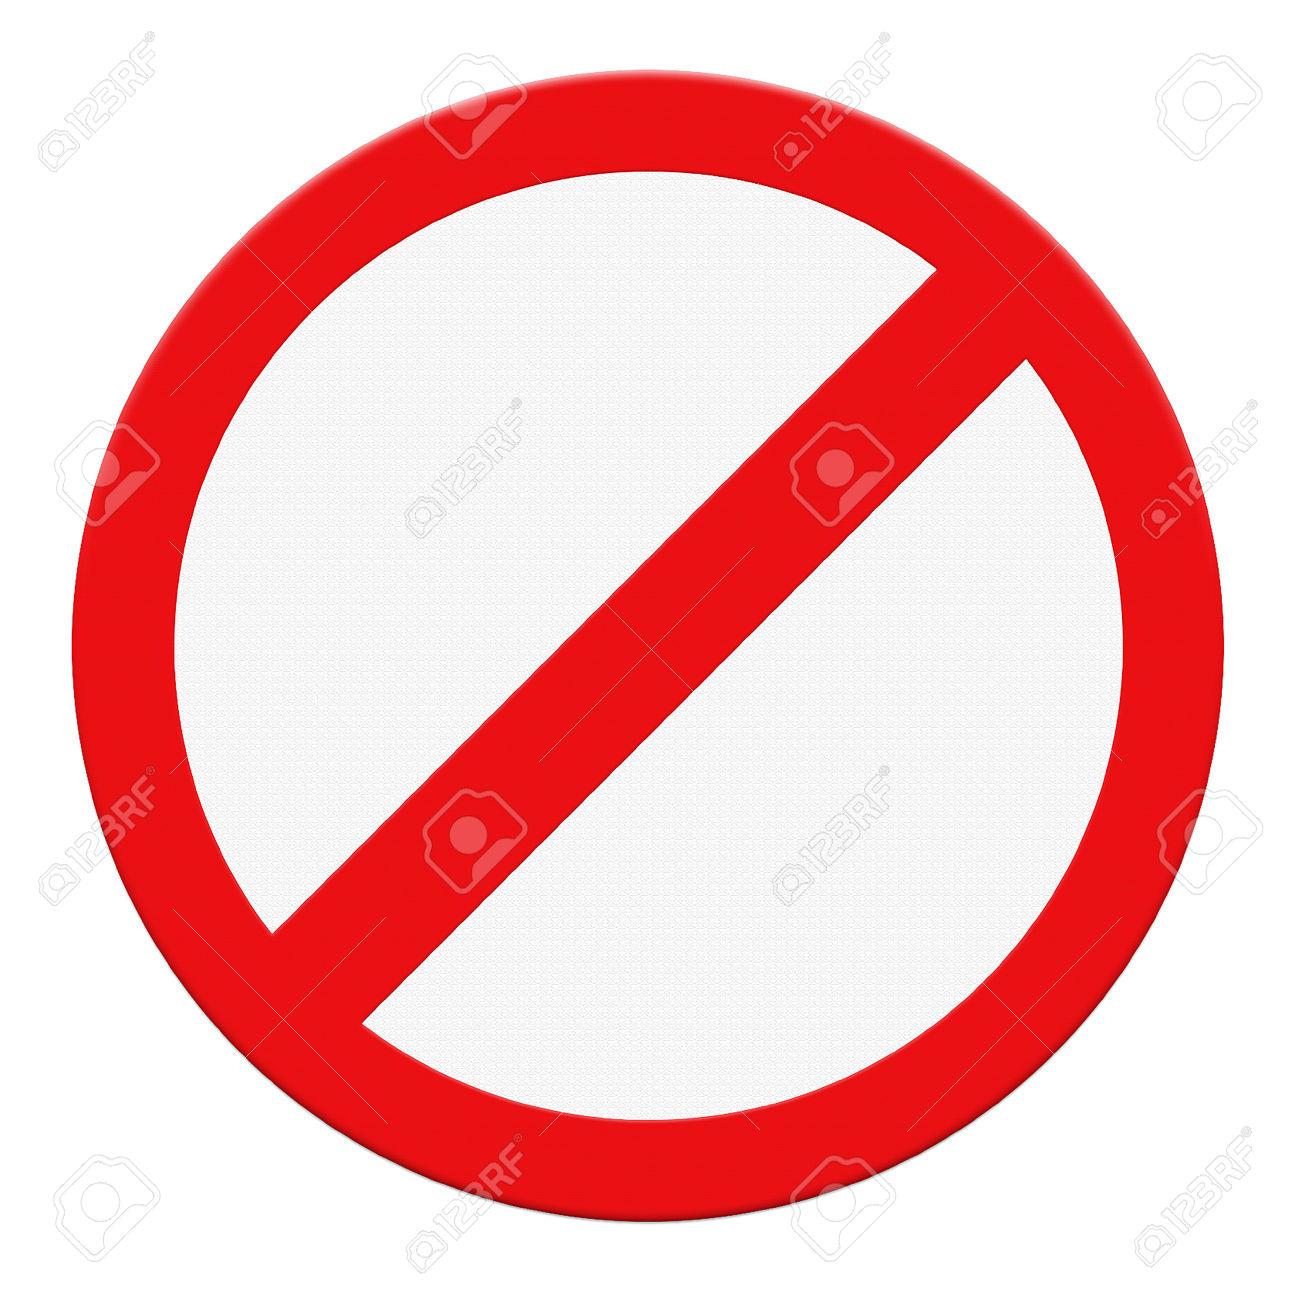 Not allowed clip art.